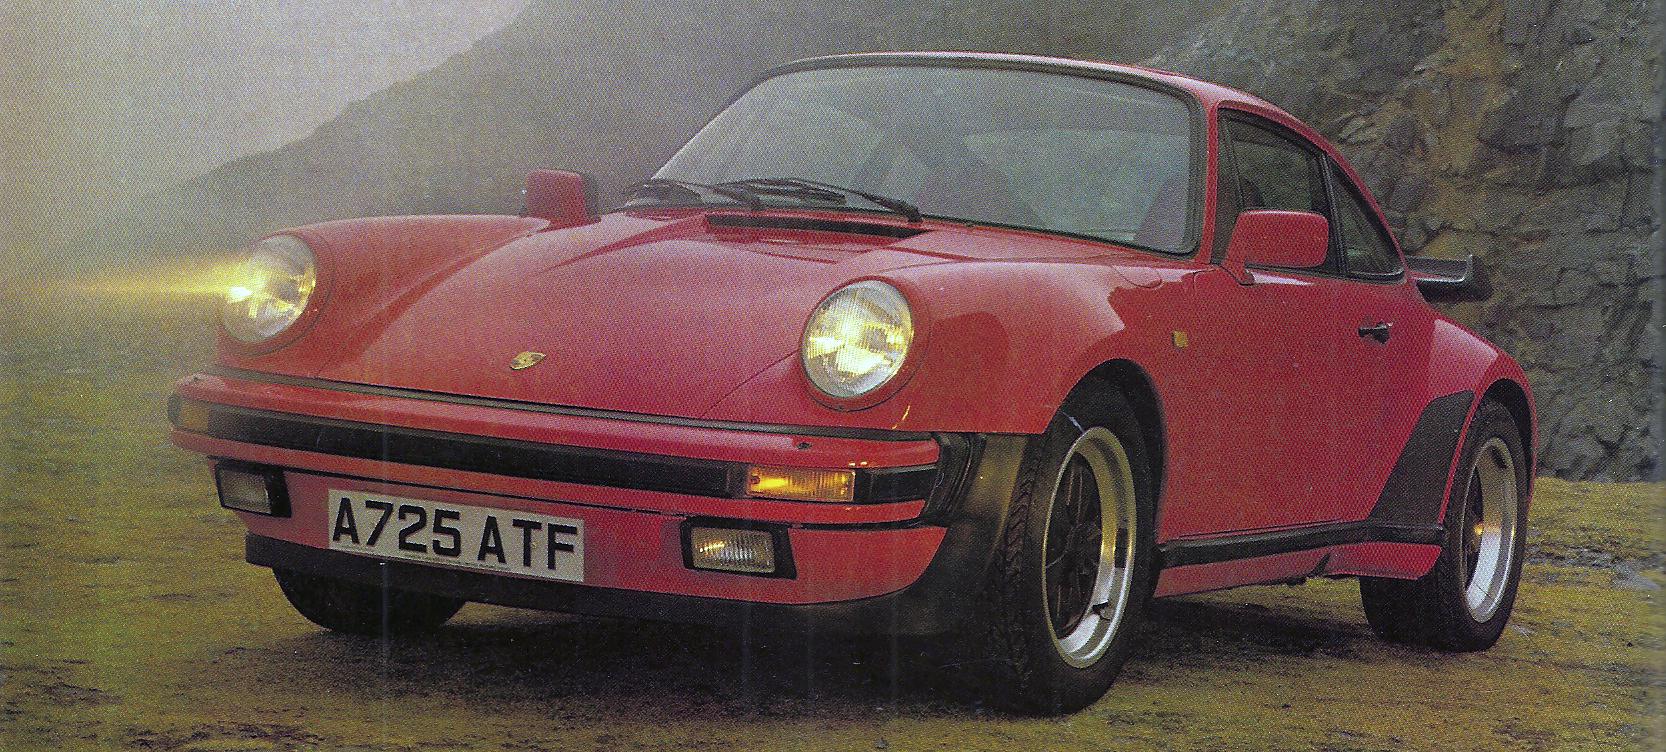 test Porsche 911 Turbo 930